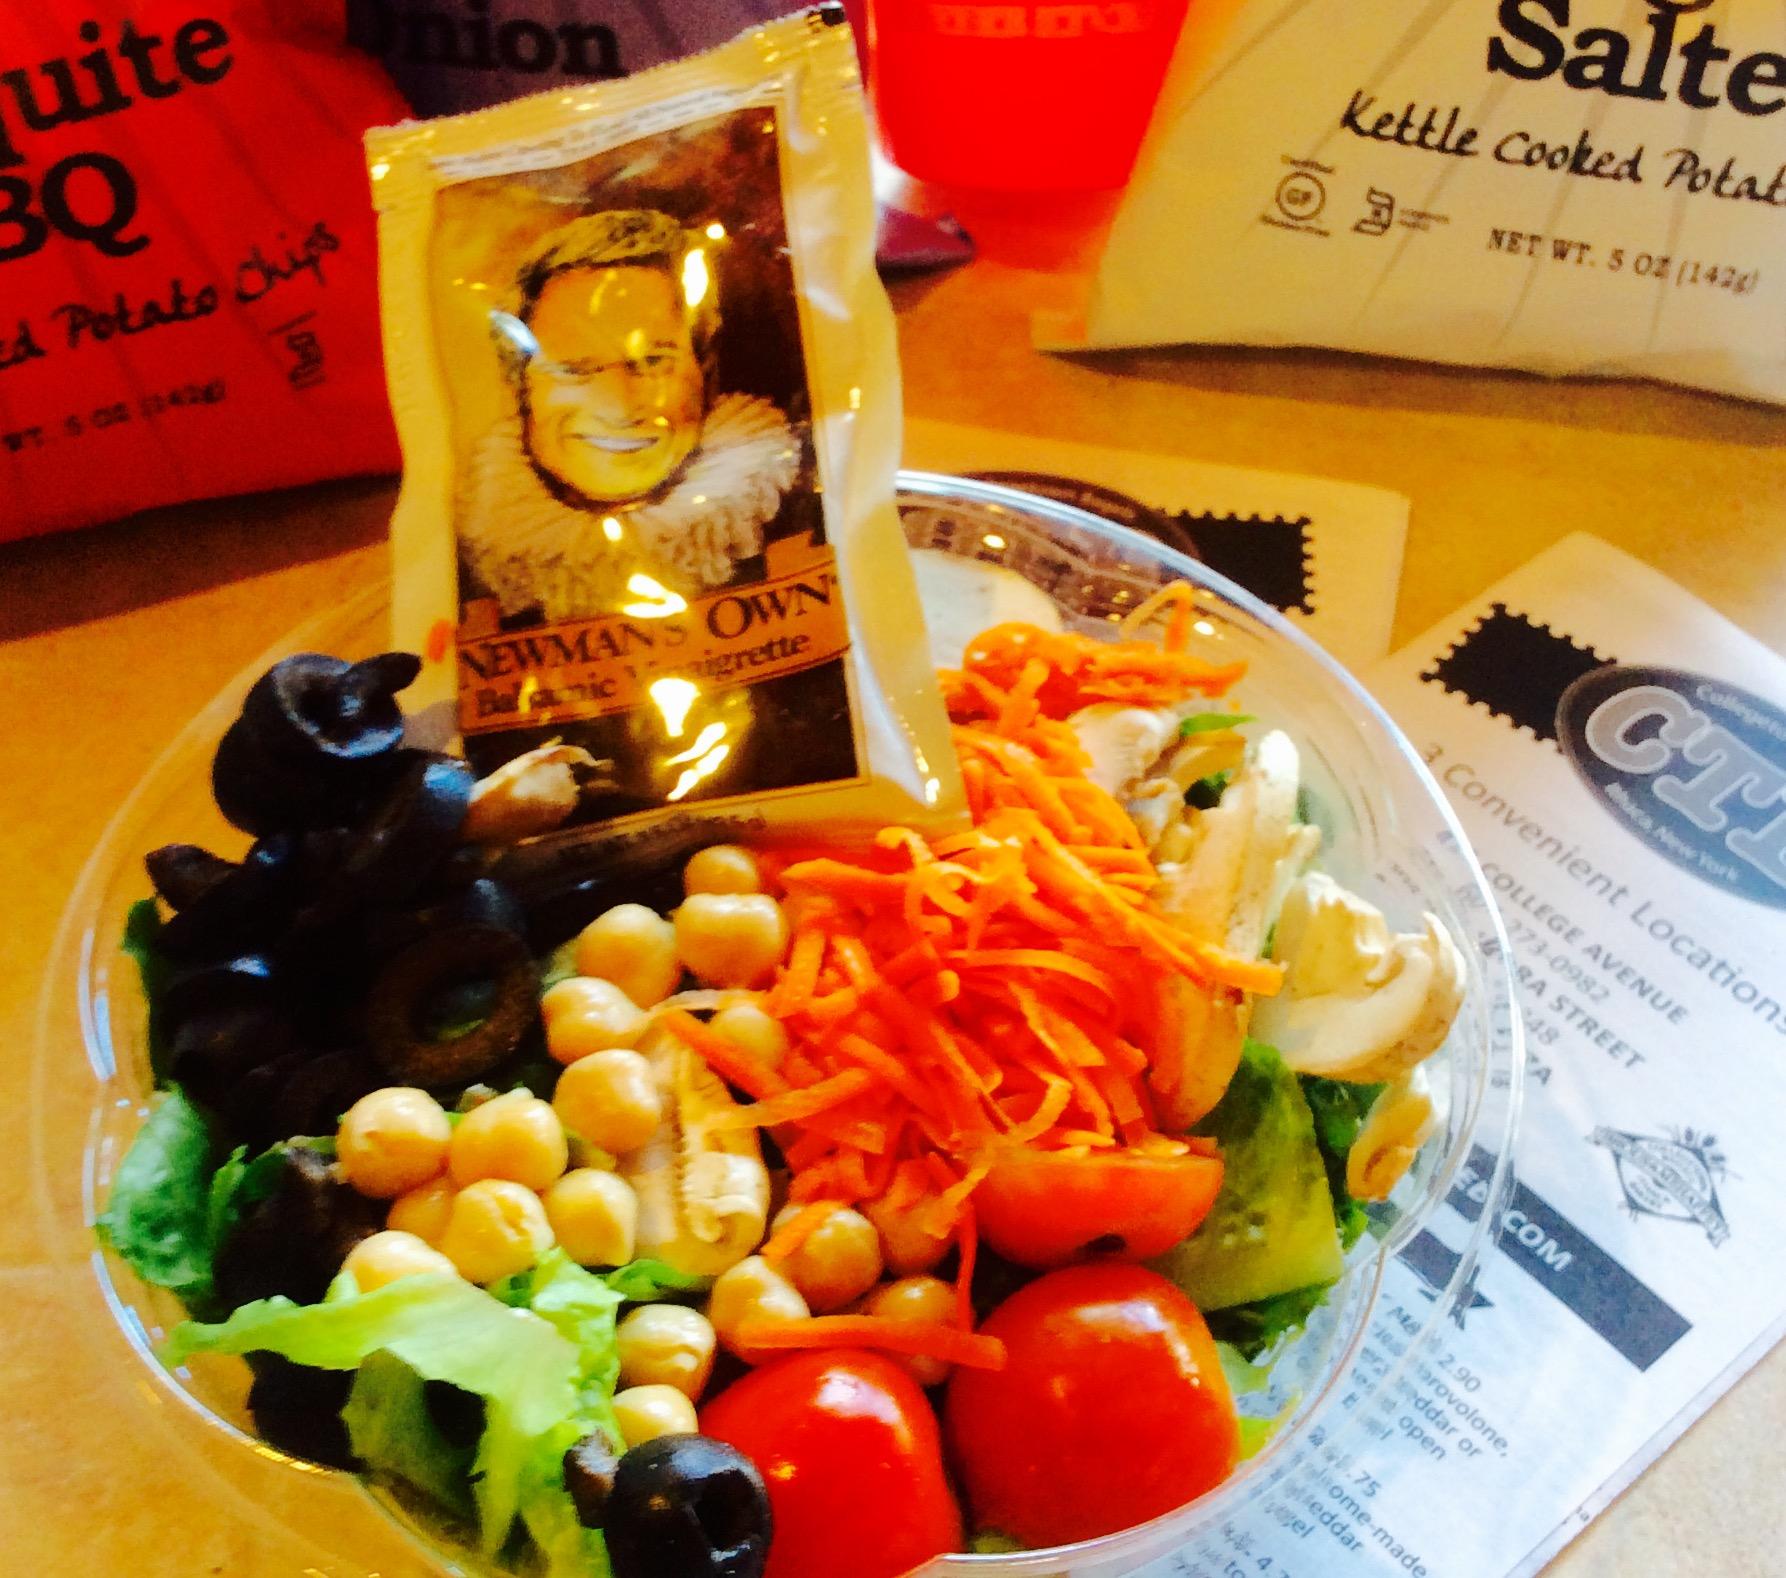 Tossed Salad Image